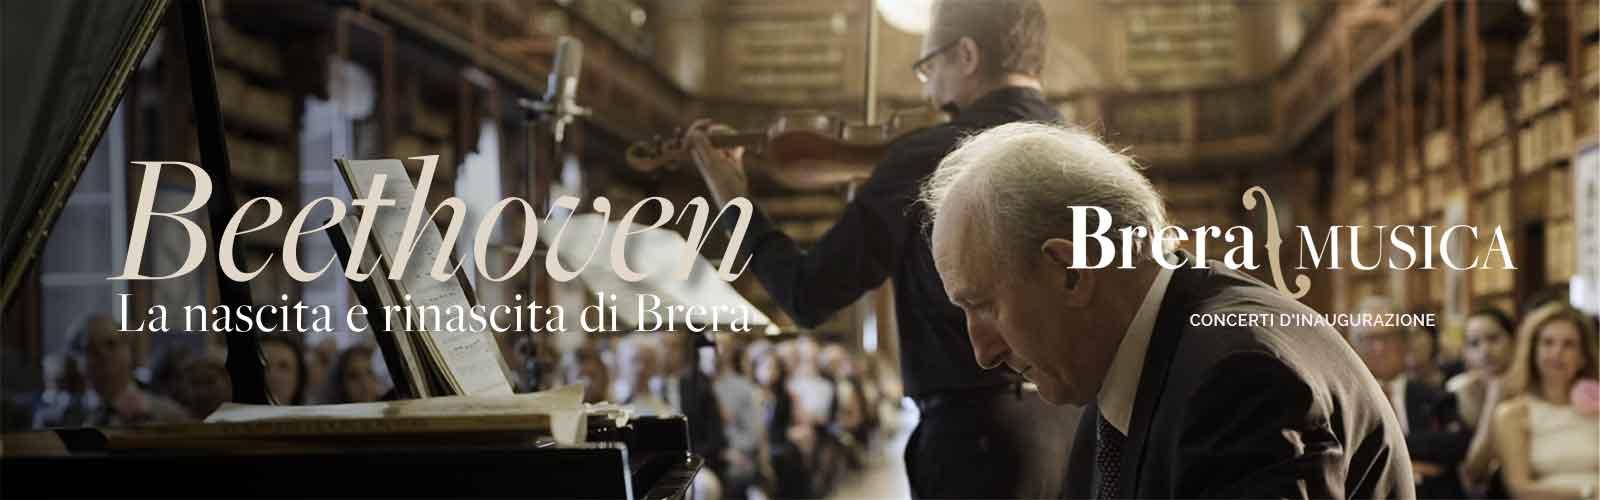 """Brera/Musica<br>Concerti d'inaugurazione """"Beethoven. Nascita e rinascita di Brera"""""""